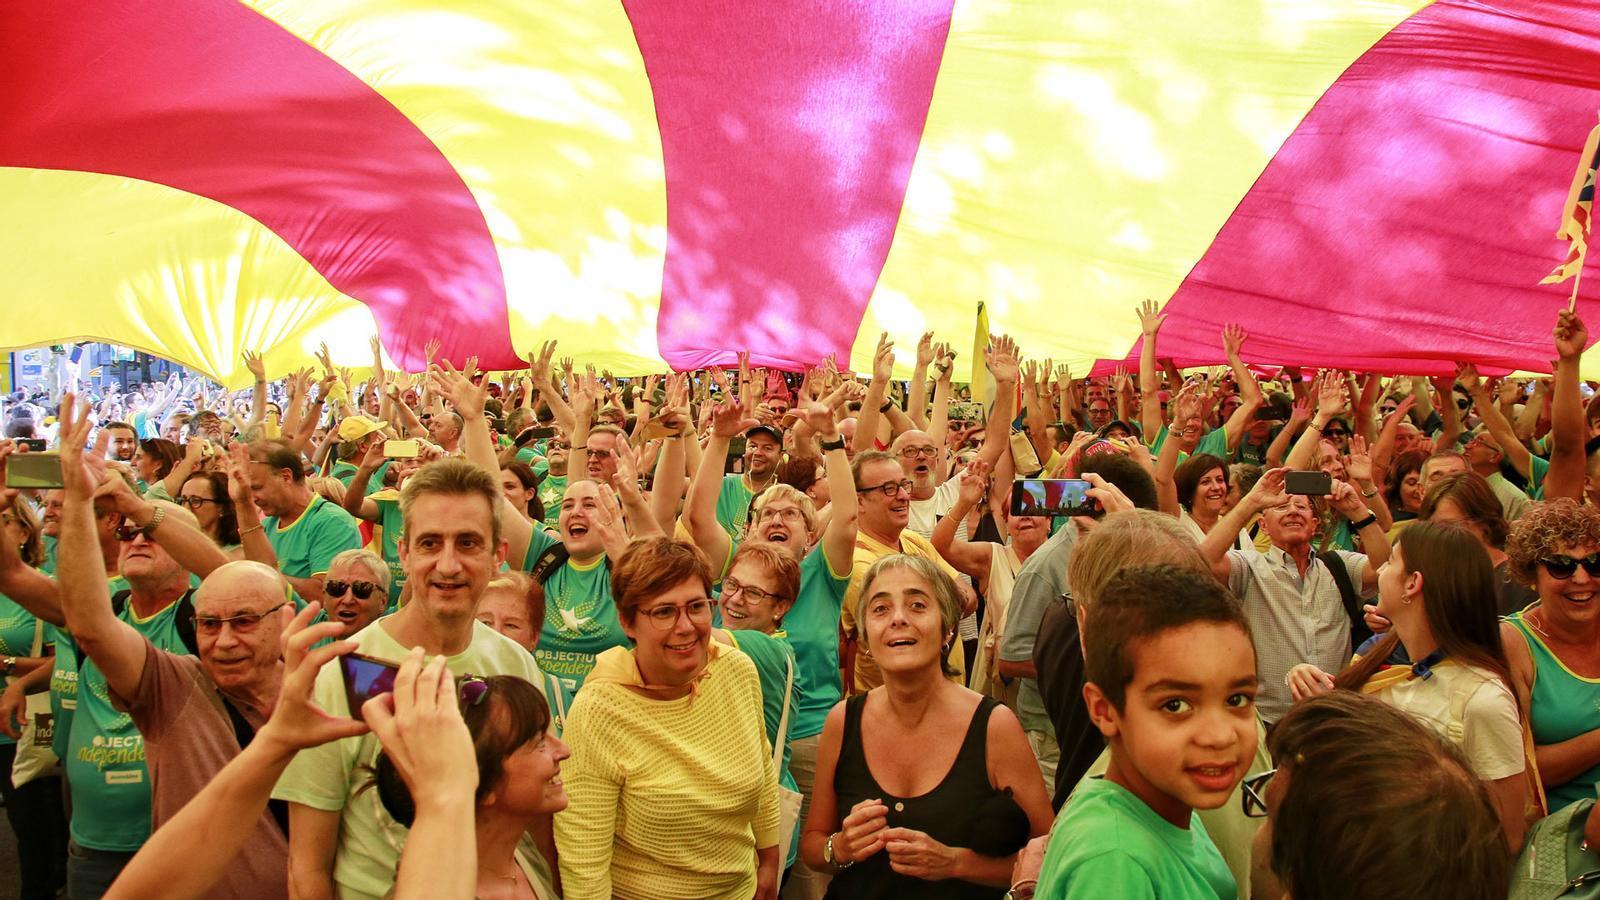 L'anàlisi d'Antoni Bassas: 'No ha de ser la ciutadania la que dirimeixi una qüestió tan important com l'autodeterminació'